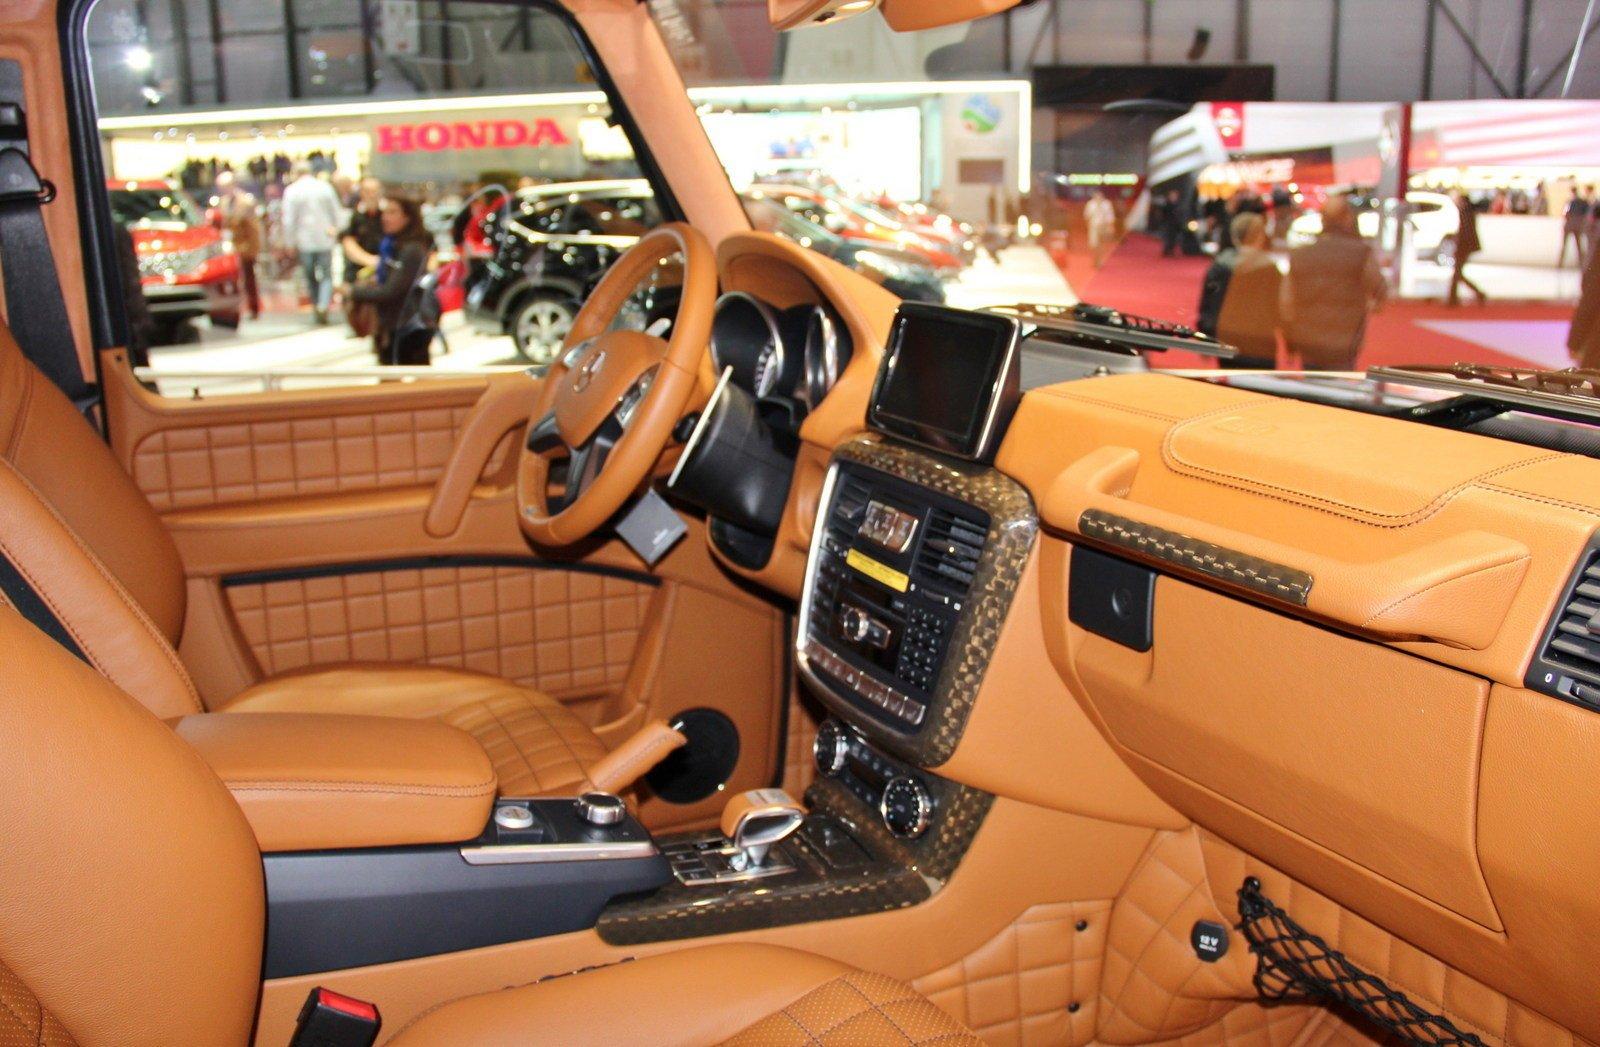 Mercedes-Benz G65 AMG G800 Brabus 2013 (7)